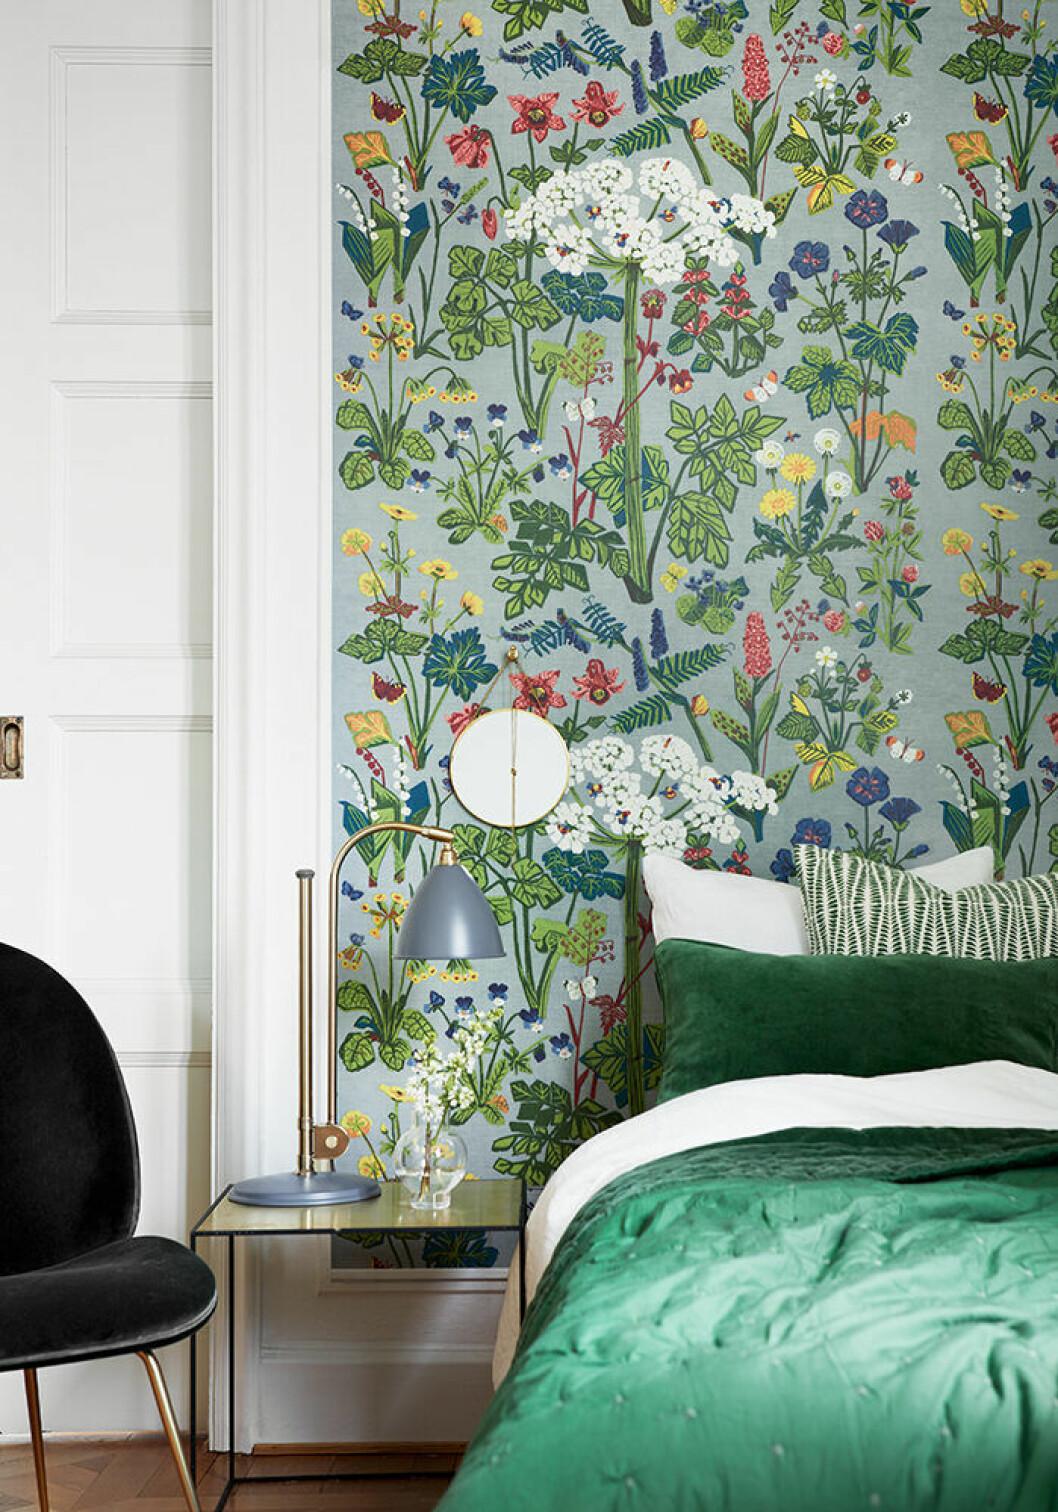 Somrig mönstrad tapet med blommor och växter från Boråstapeter